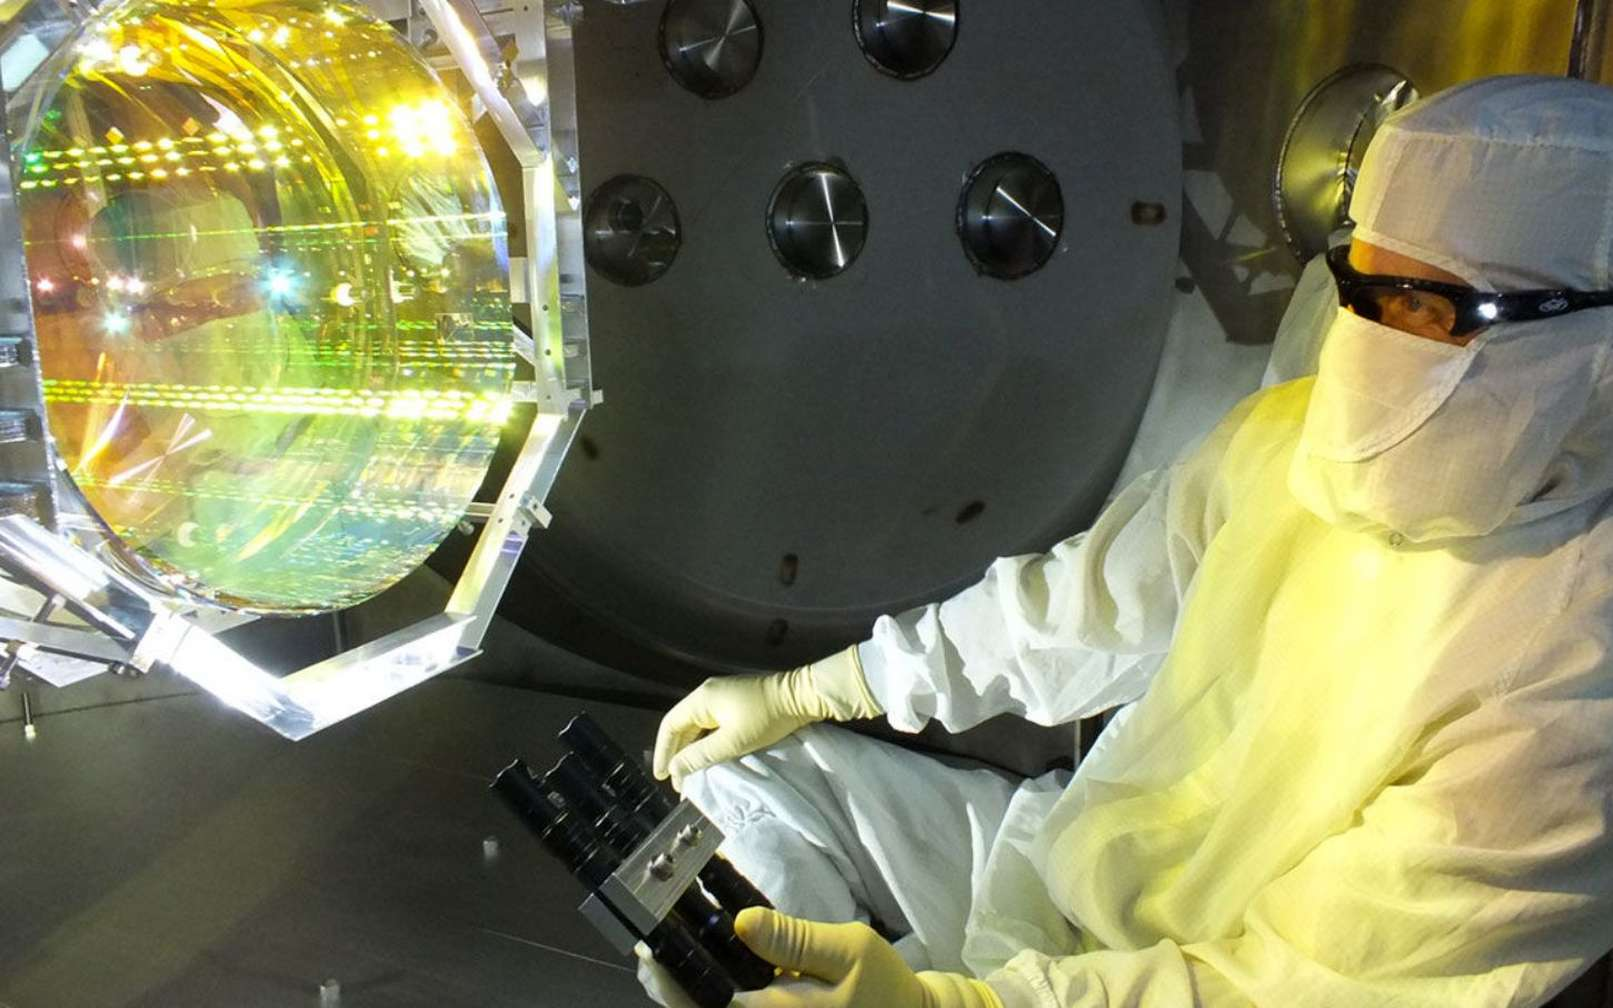 Les physiciens du MIT ont observé que les miroirs de 40 kilogrammes de Ligo peuvent se déplacer en réponse à de minuscules effets quantiques. Sur cette photo, un technicien en optique Ligo inspecte l'un des miroirs de Ligo. © Matt Heintze, Caltech, MIT, Ligo Lab